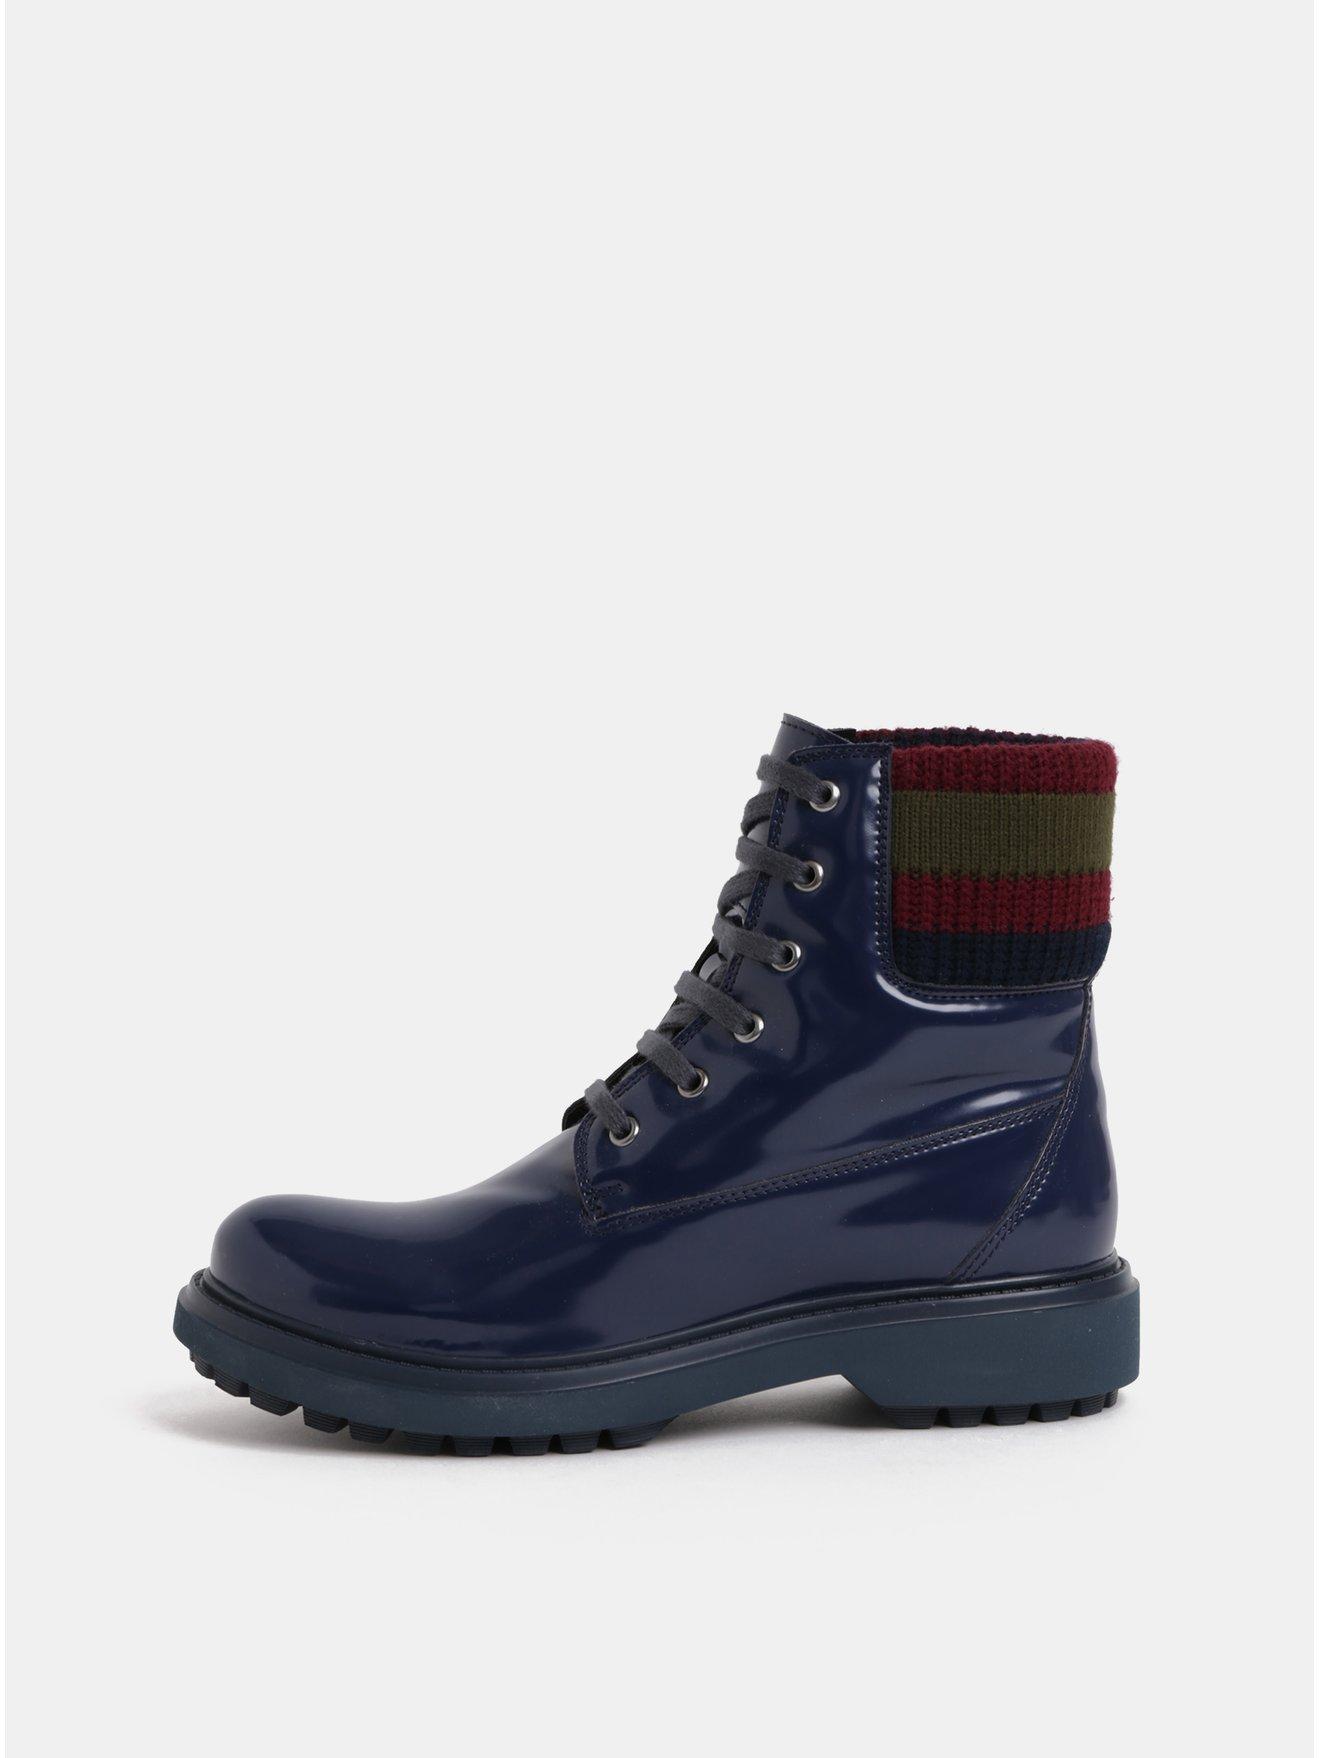 Tmavě modré dámské kotníkové boty s úpletovým lemem Geox Asheely 47b7df1a5d